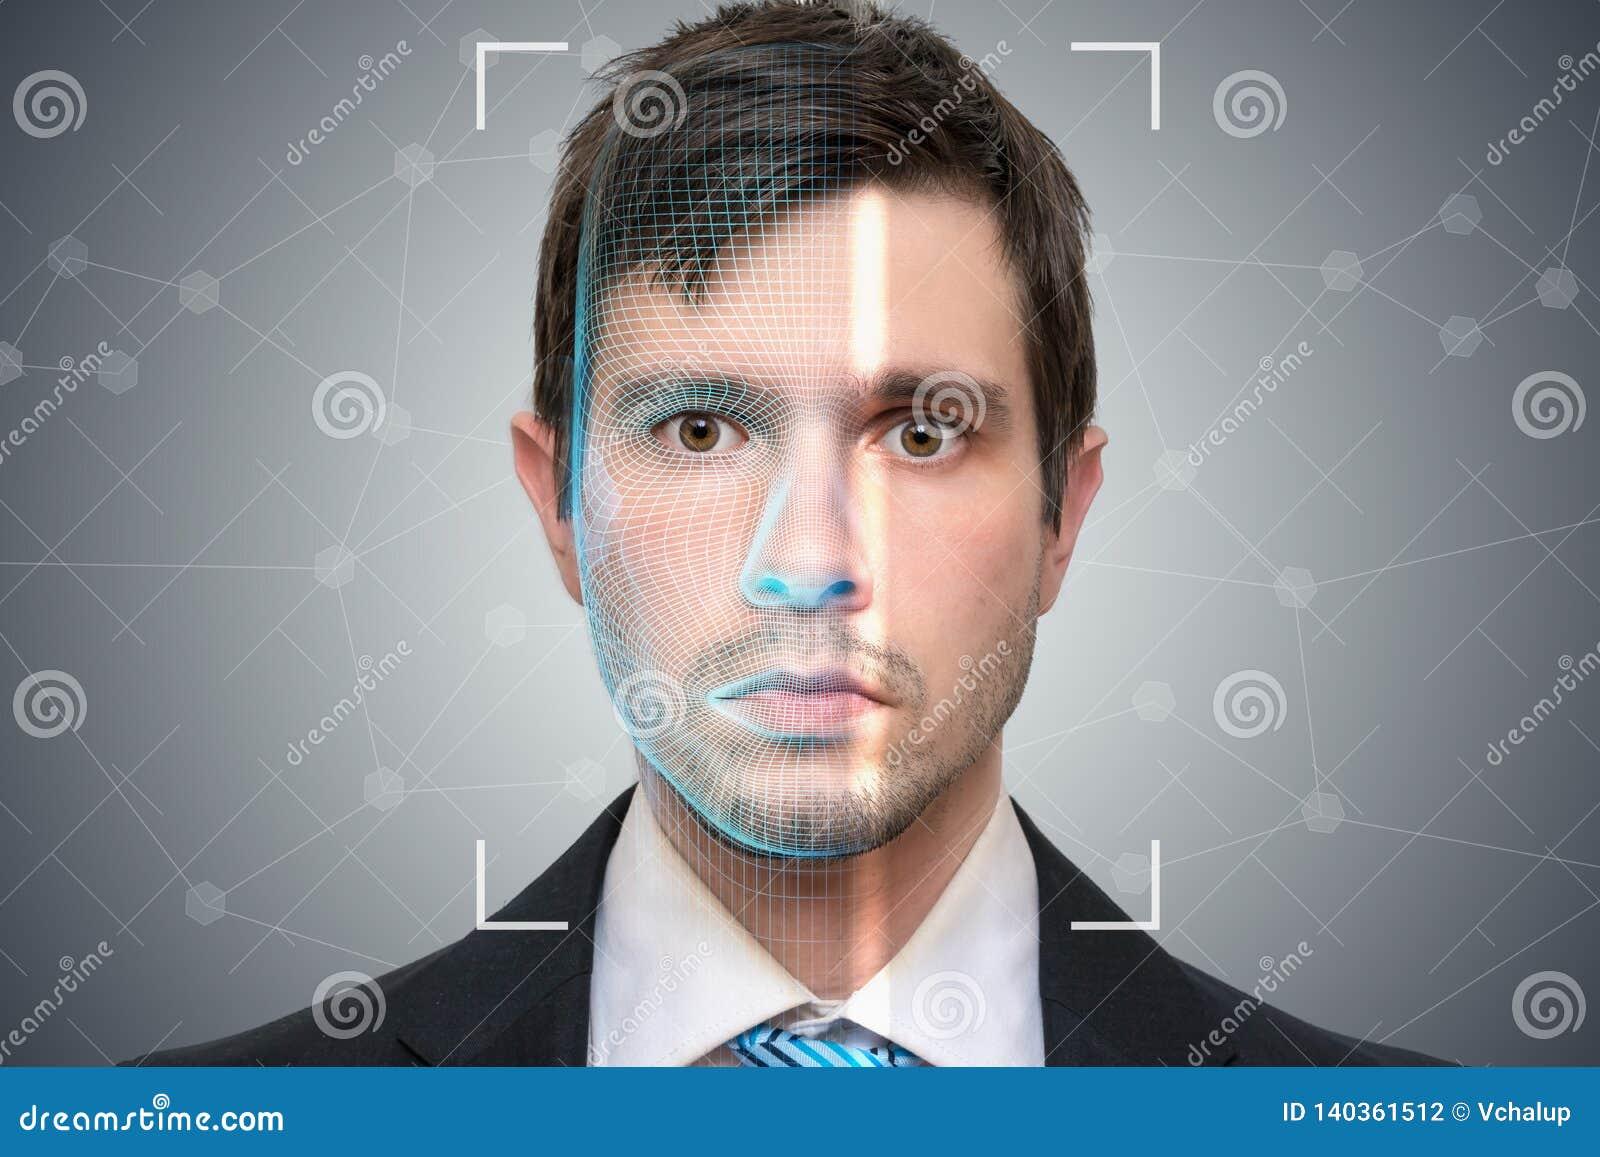 Le scanner biométrique balaye le visage du jeune homme Concept de détection et de reconnaissance